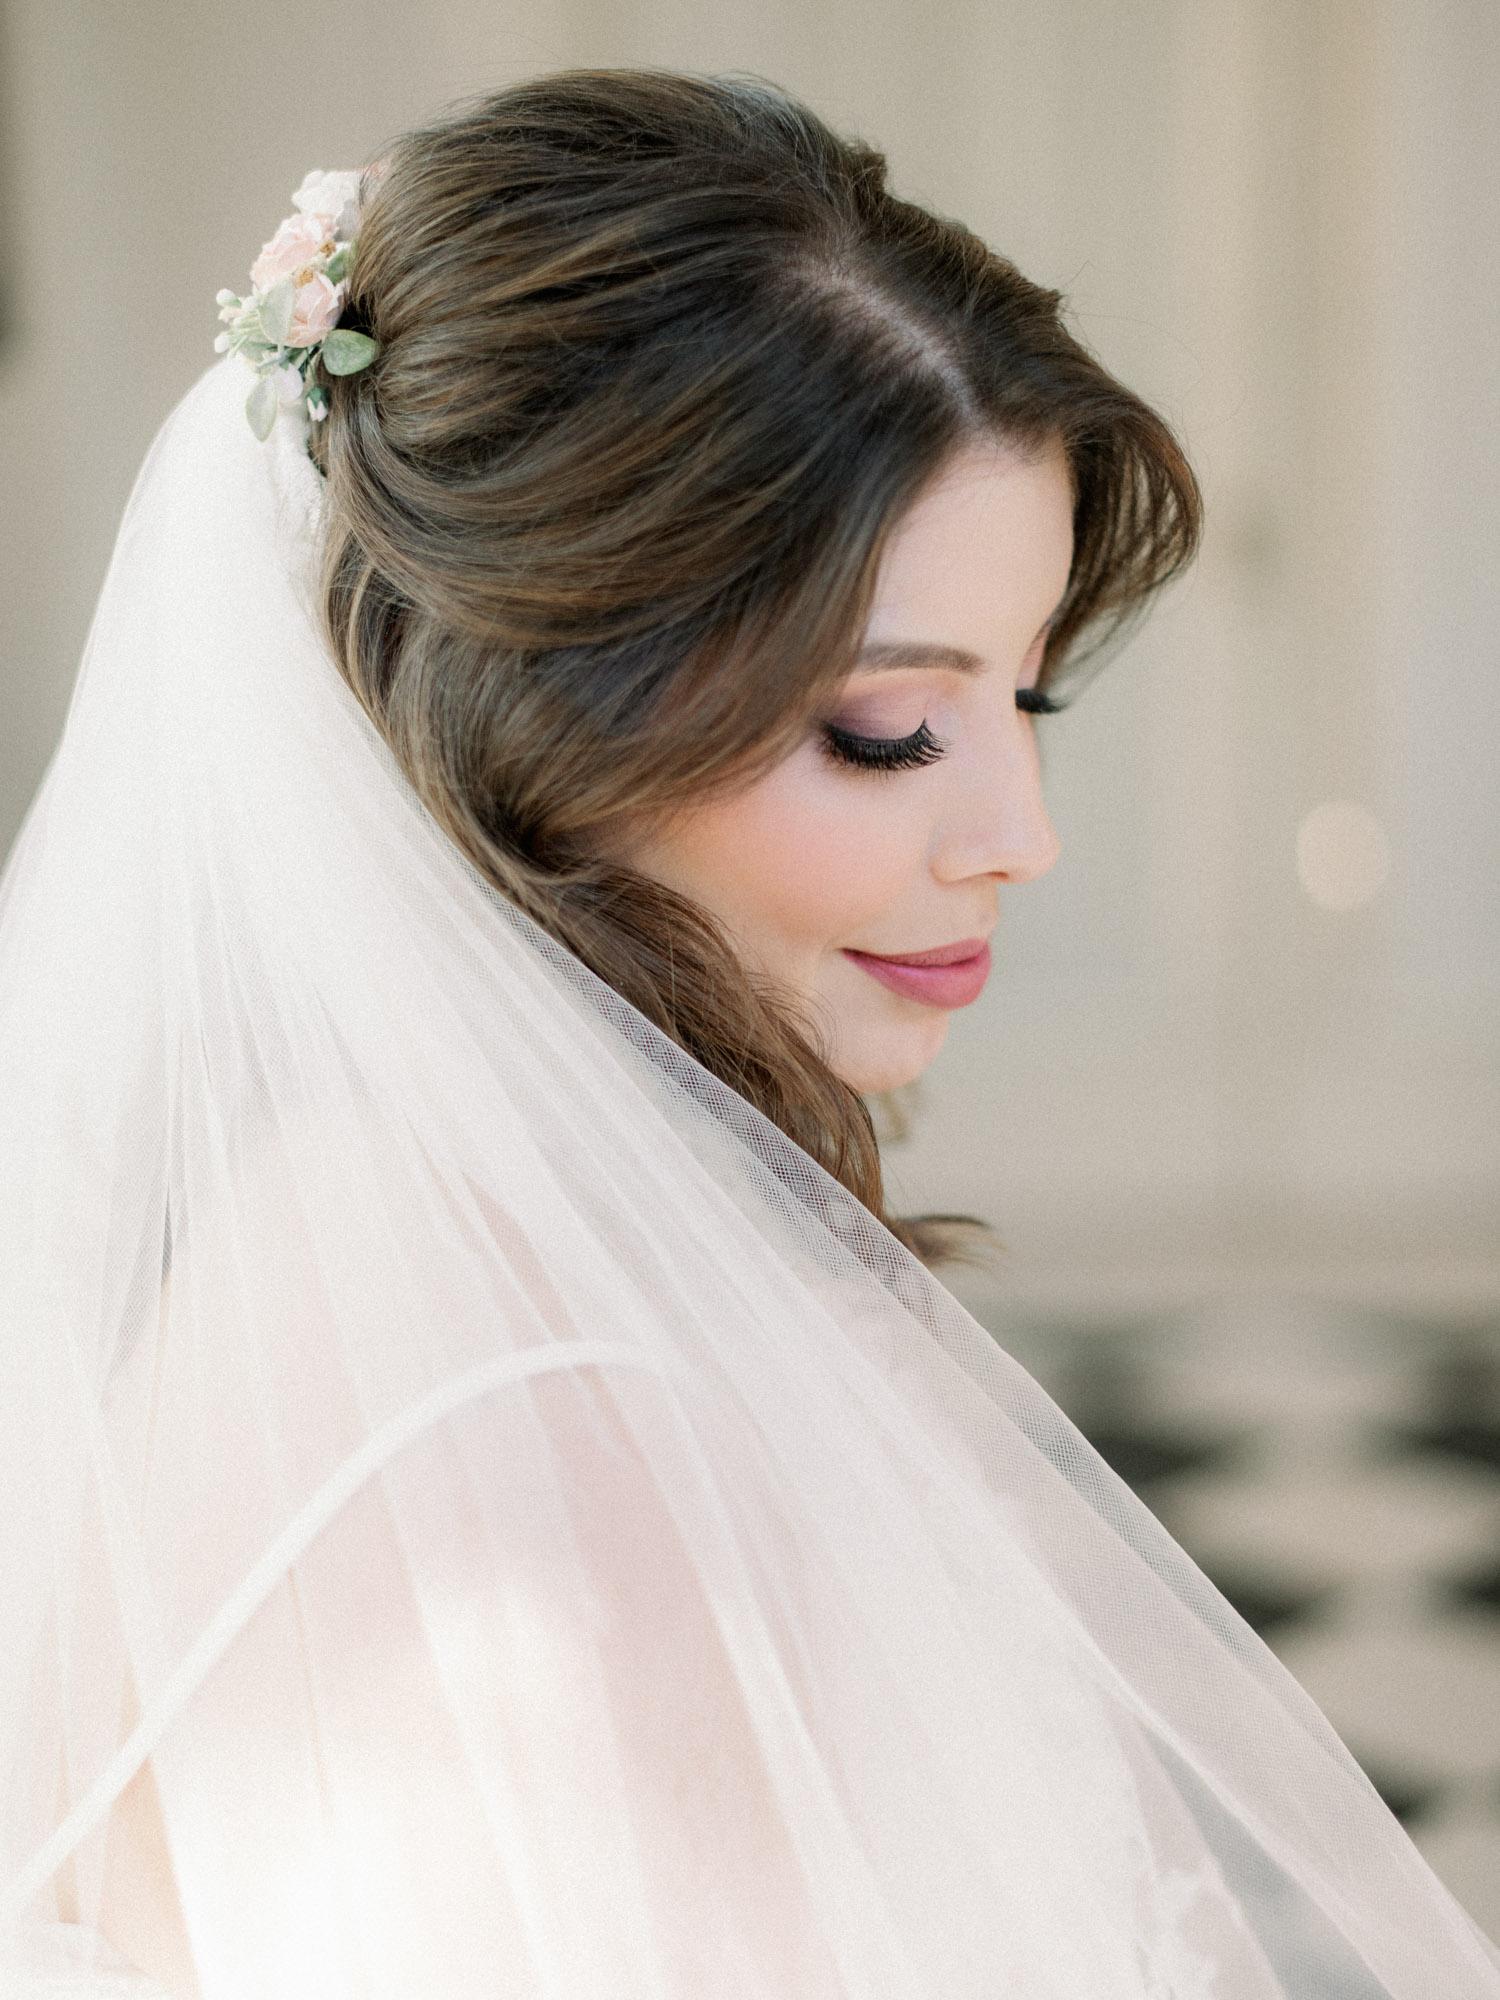 duke-mansion-bridal-photography_11.jpg